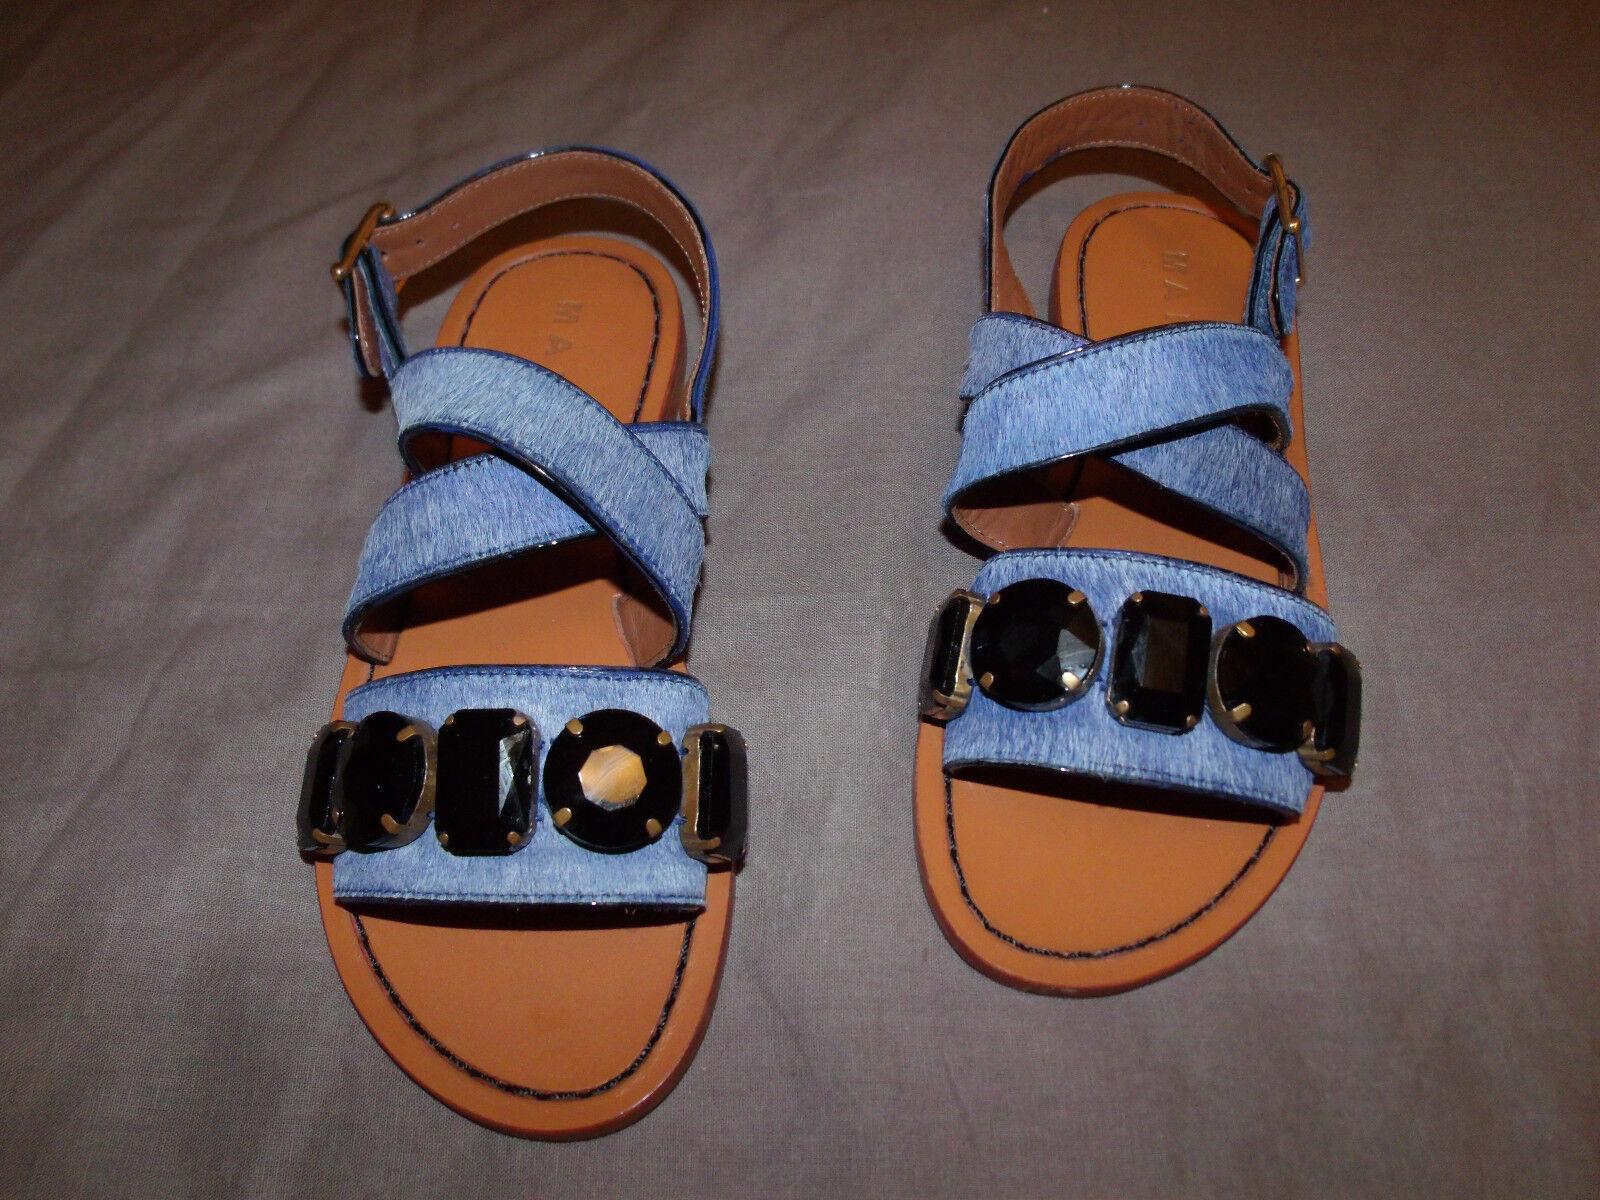 Marni pelo de cuero de becerro azul talla.4.5 Enjoyado Charol Sandalia plana Zapato, Nuevo